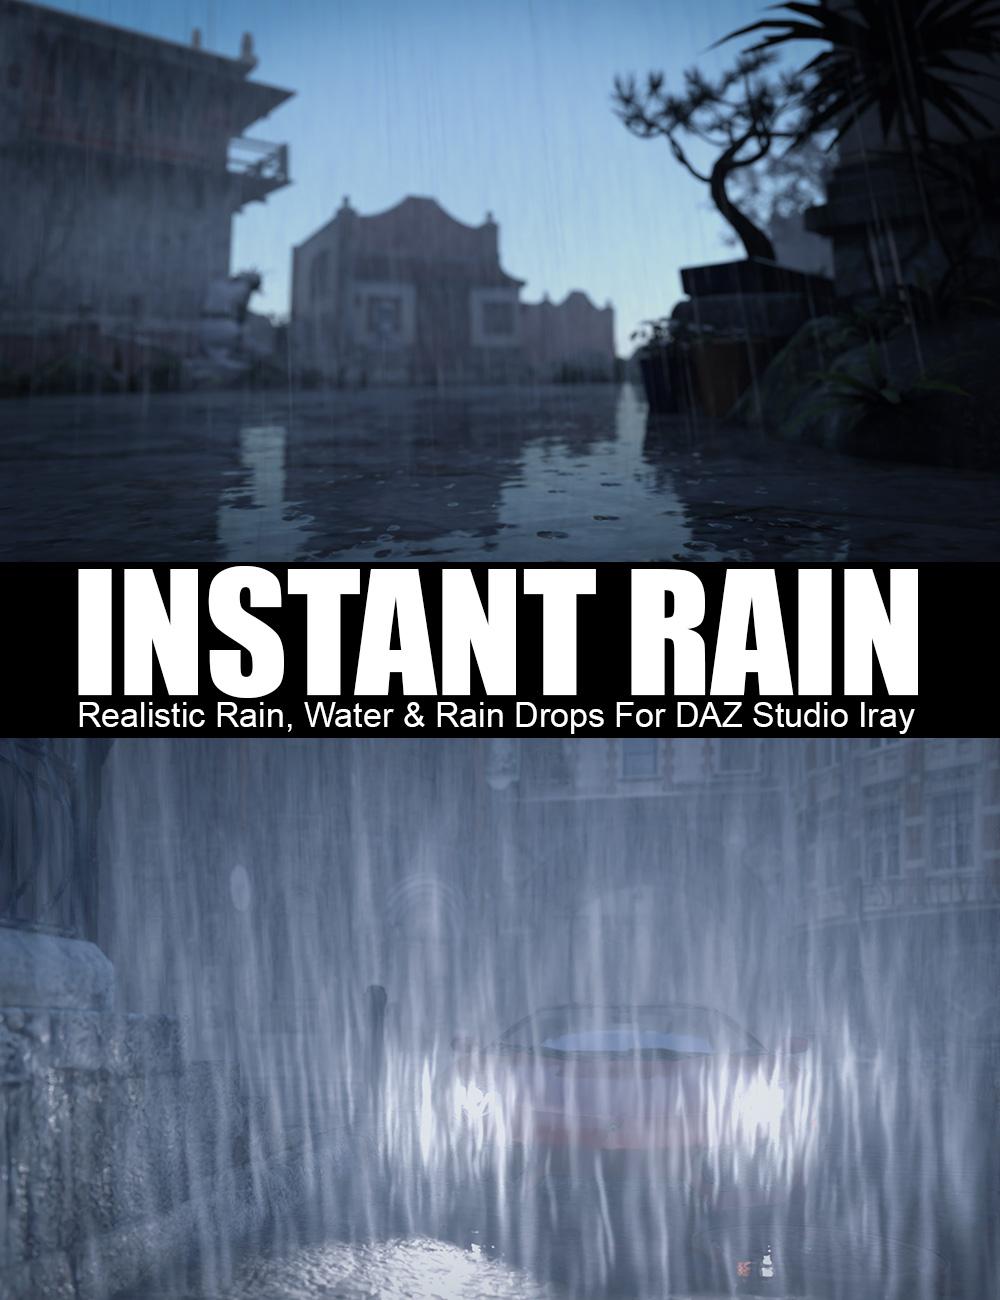 Instant Rain by: Dreamlight, 3D Models by Daz 3D